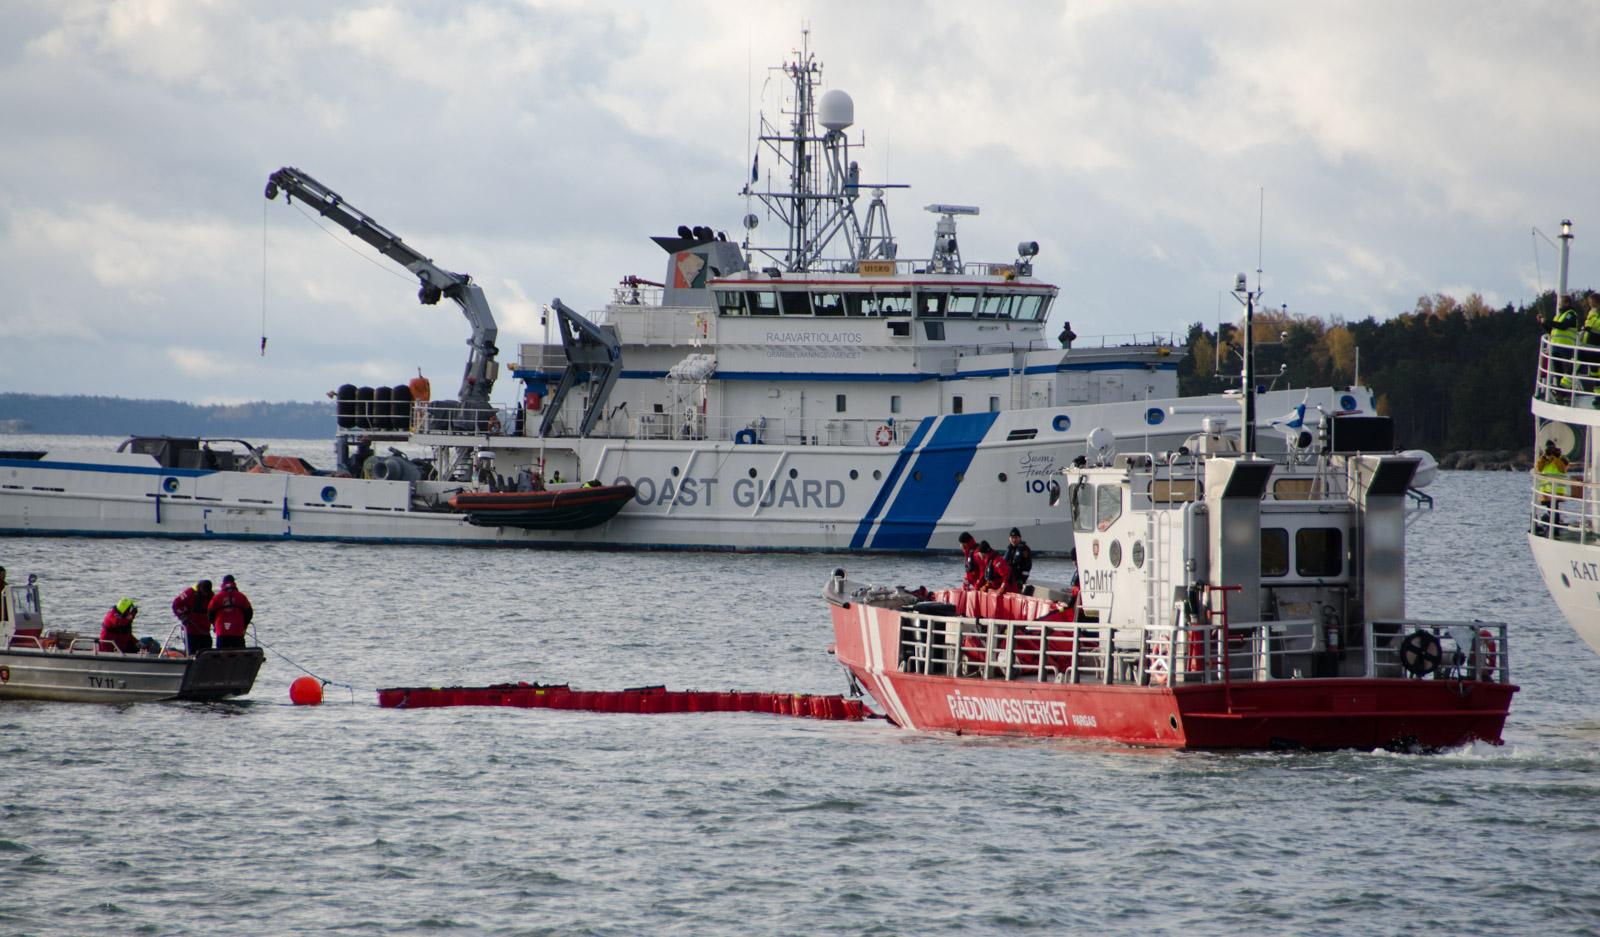 Hazard-hanke tähtää parantamaan turvallisuutta Itämeren alueen satamissa. Lokakuussa järjestettiin siihen liittyvä mittava suuronnettomuusharjoitus Neste 2017 Naantalin satamassa. Tämä oli hankkeen jo kuudes isompi harjoitus.